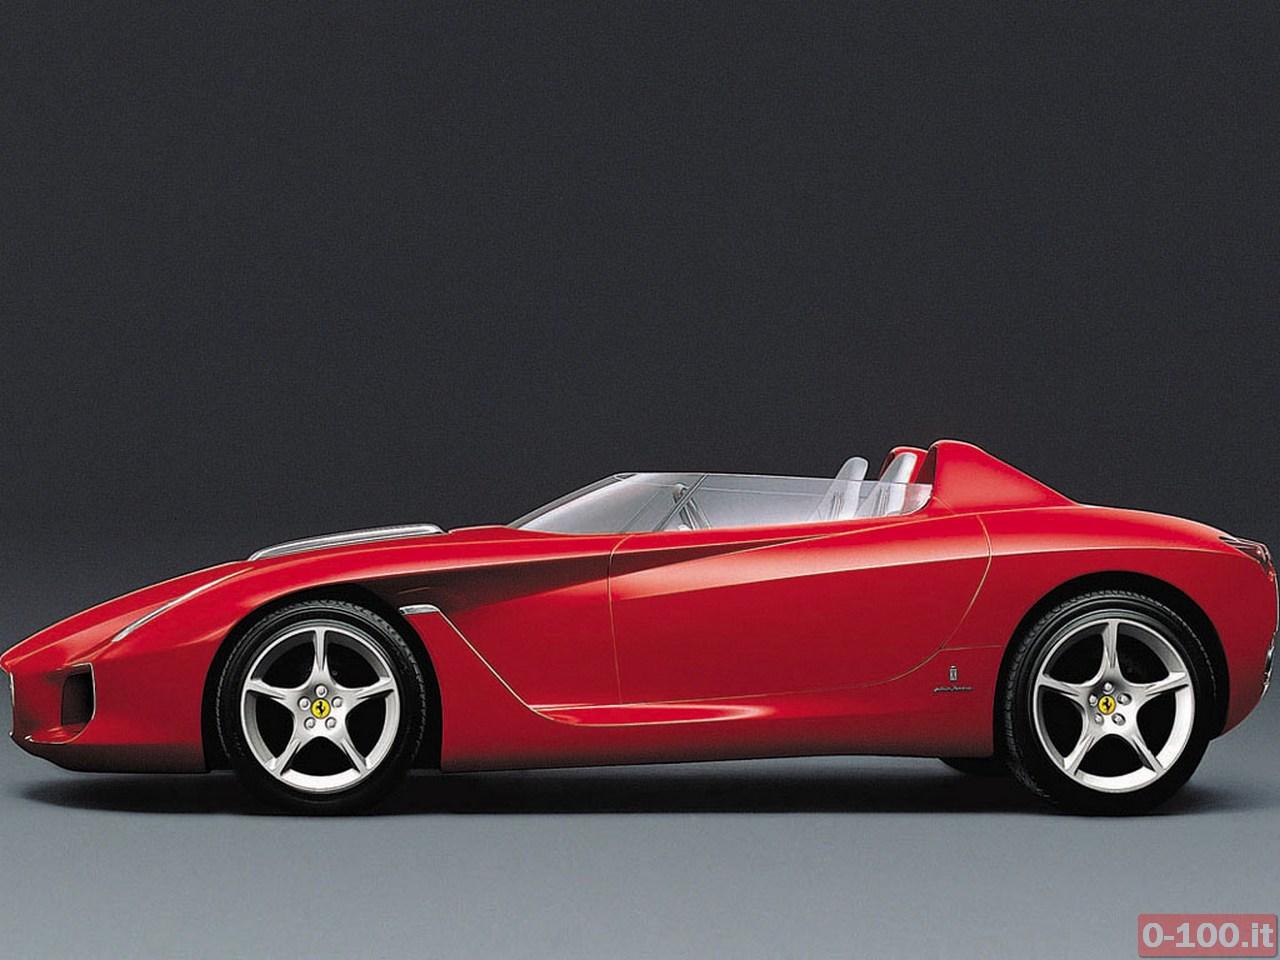 2000-pininfarina-ferrari-rossa-concept